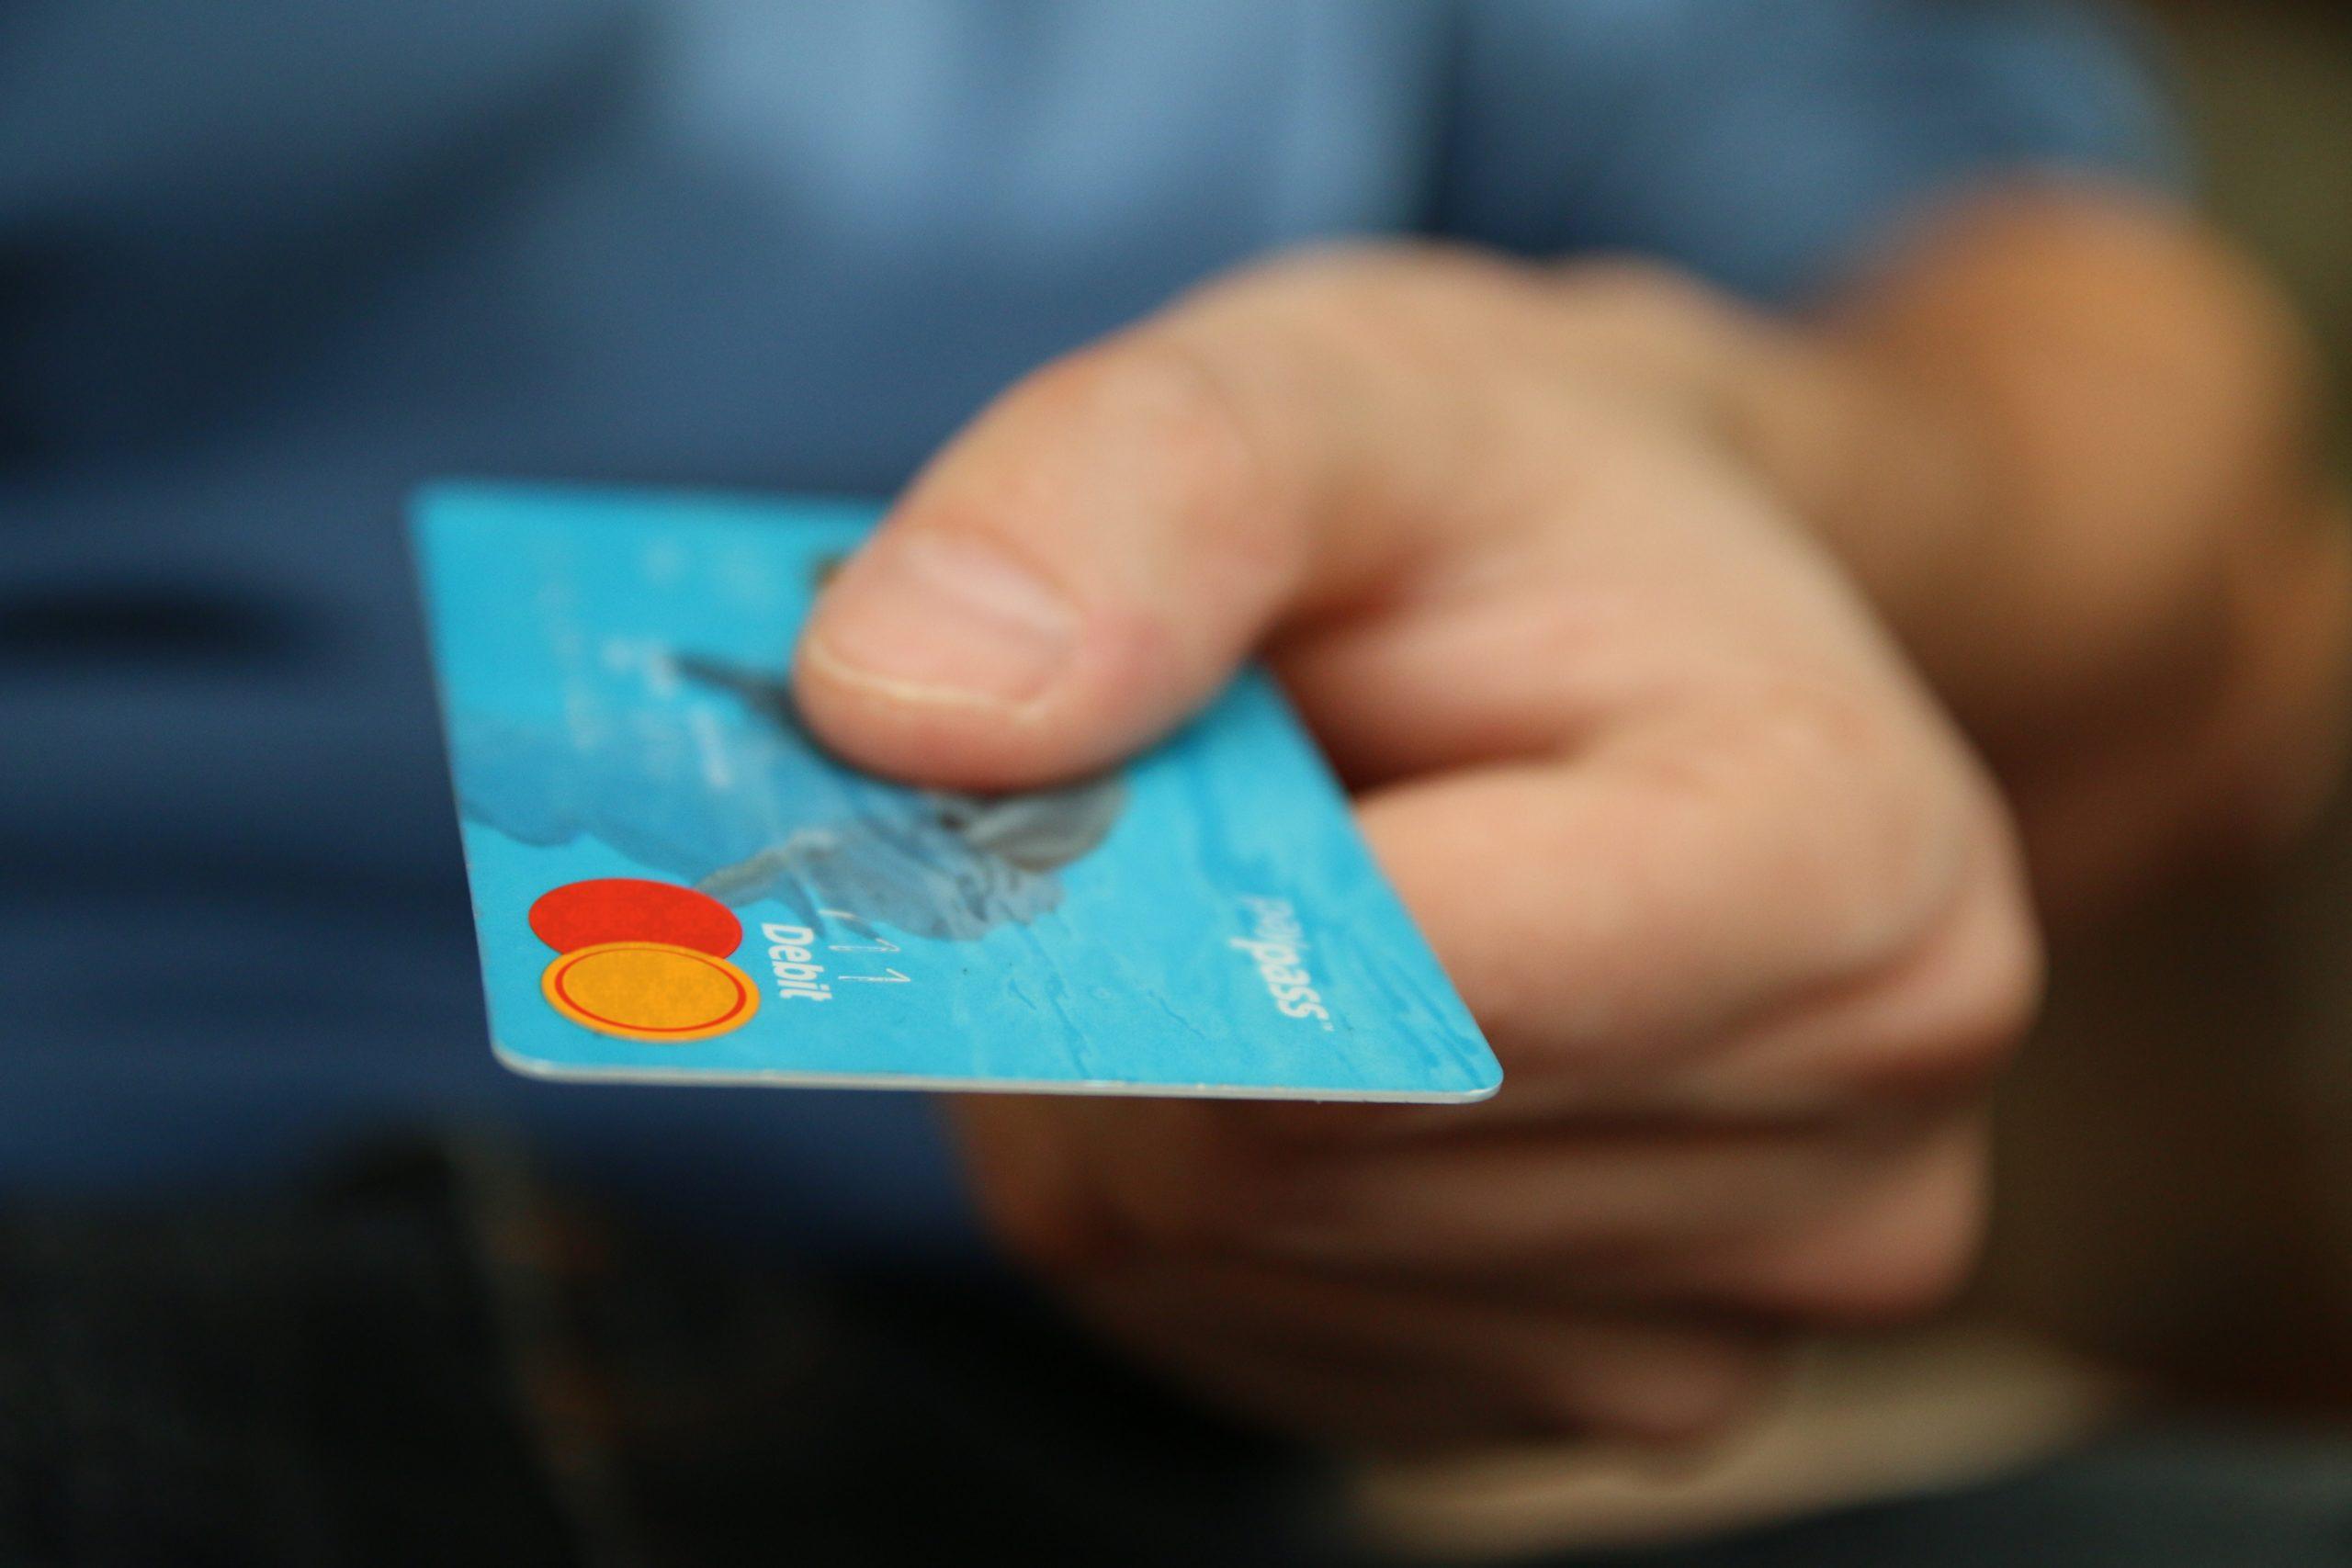 Pagamenti digitali: ecco cosa cambia dal 1° luglio